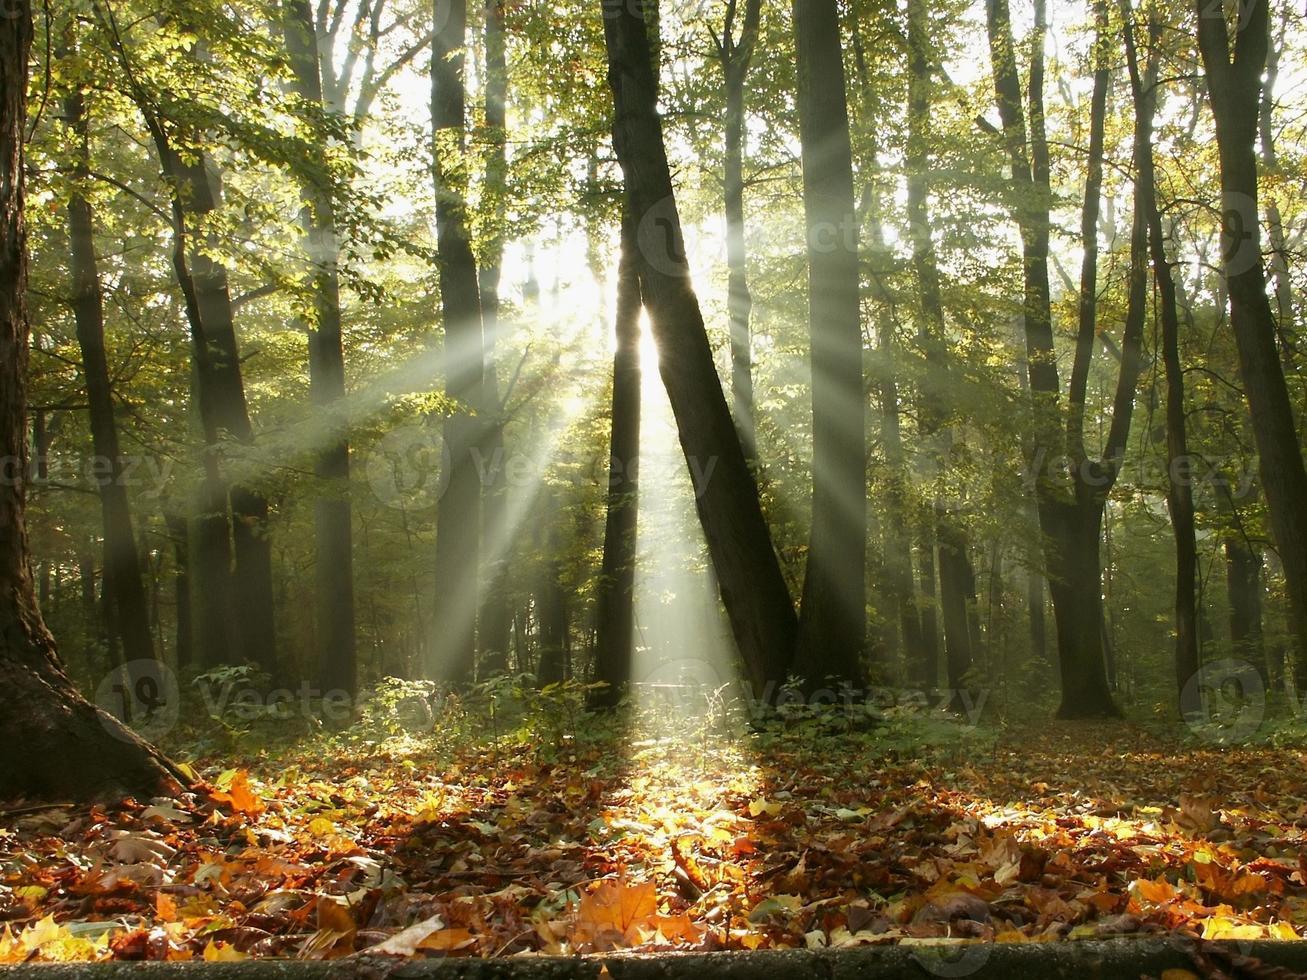 bosque de otoño brumoso al amanecer foto